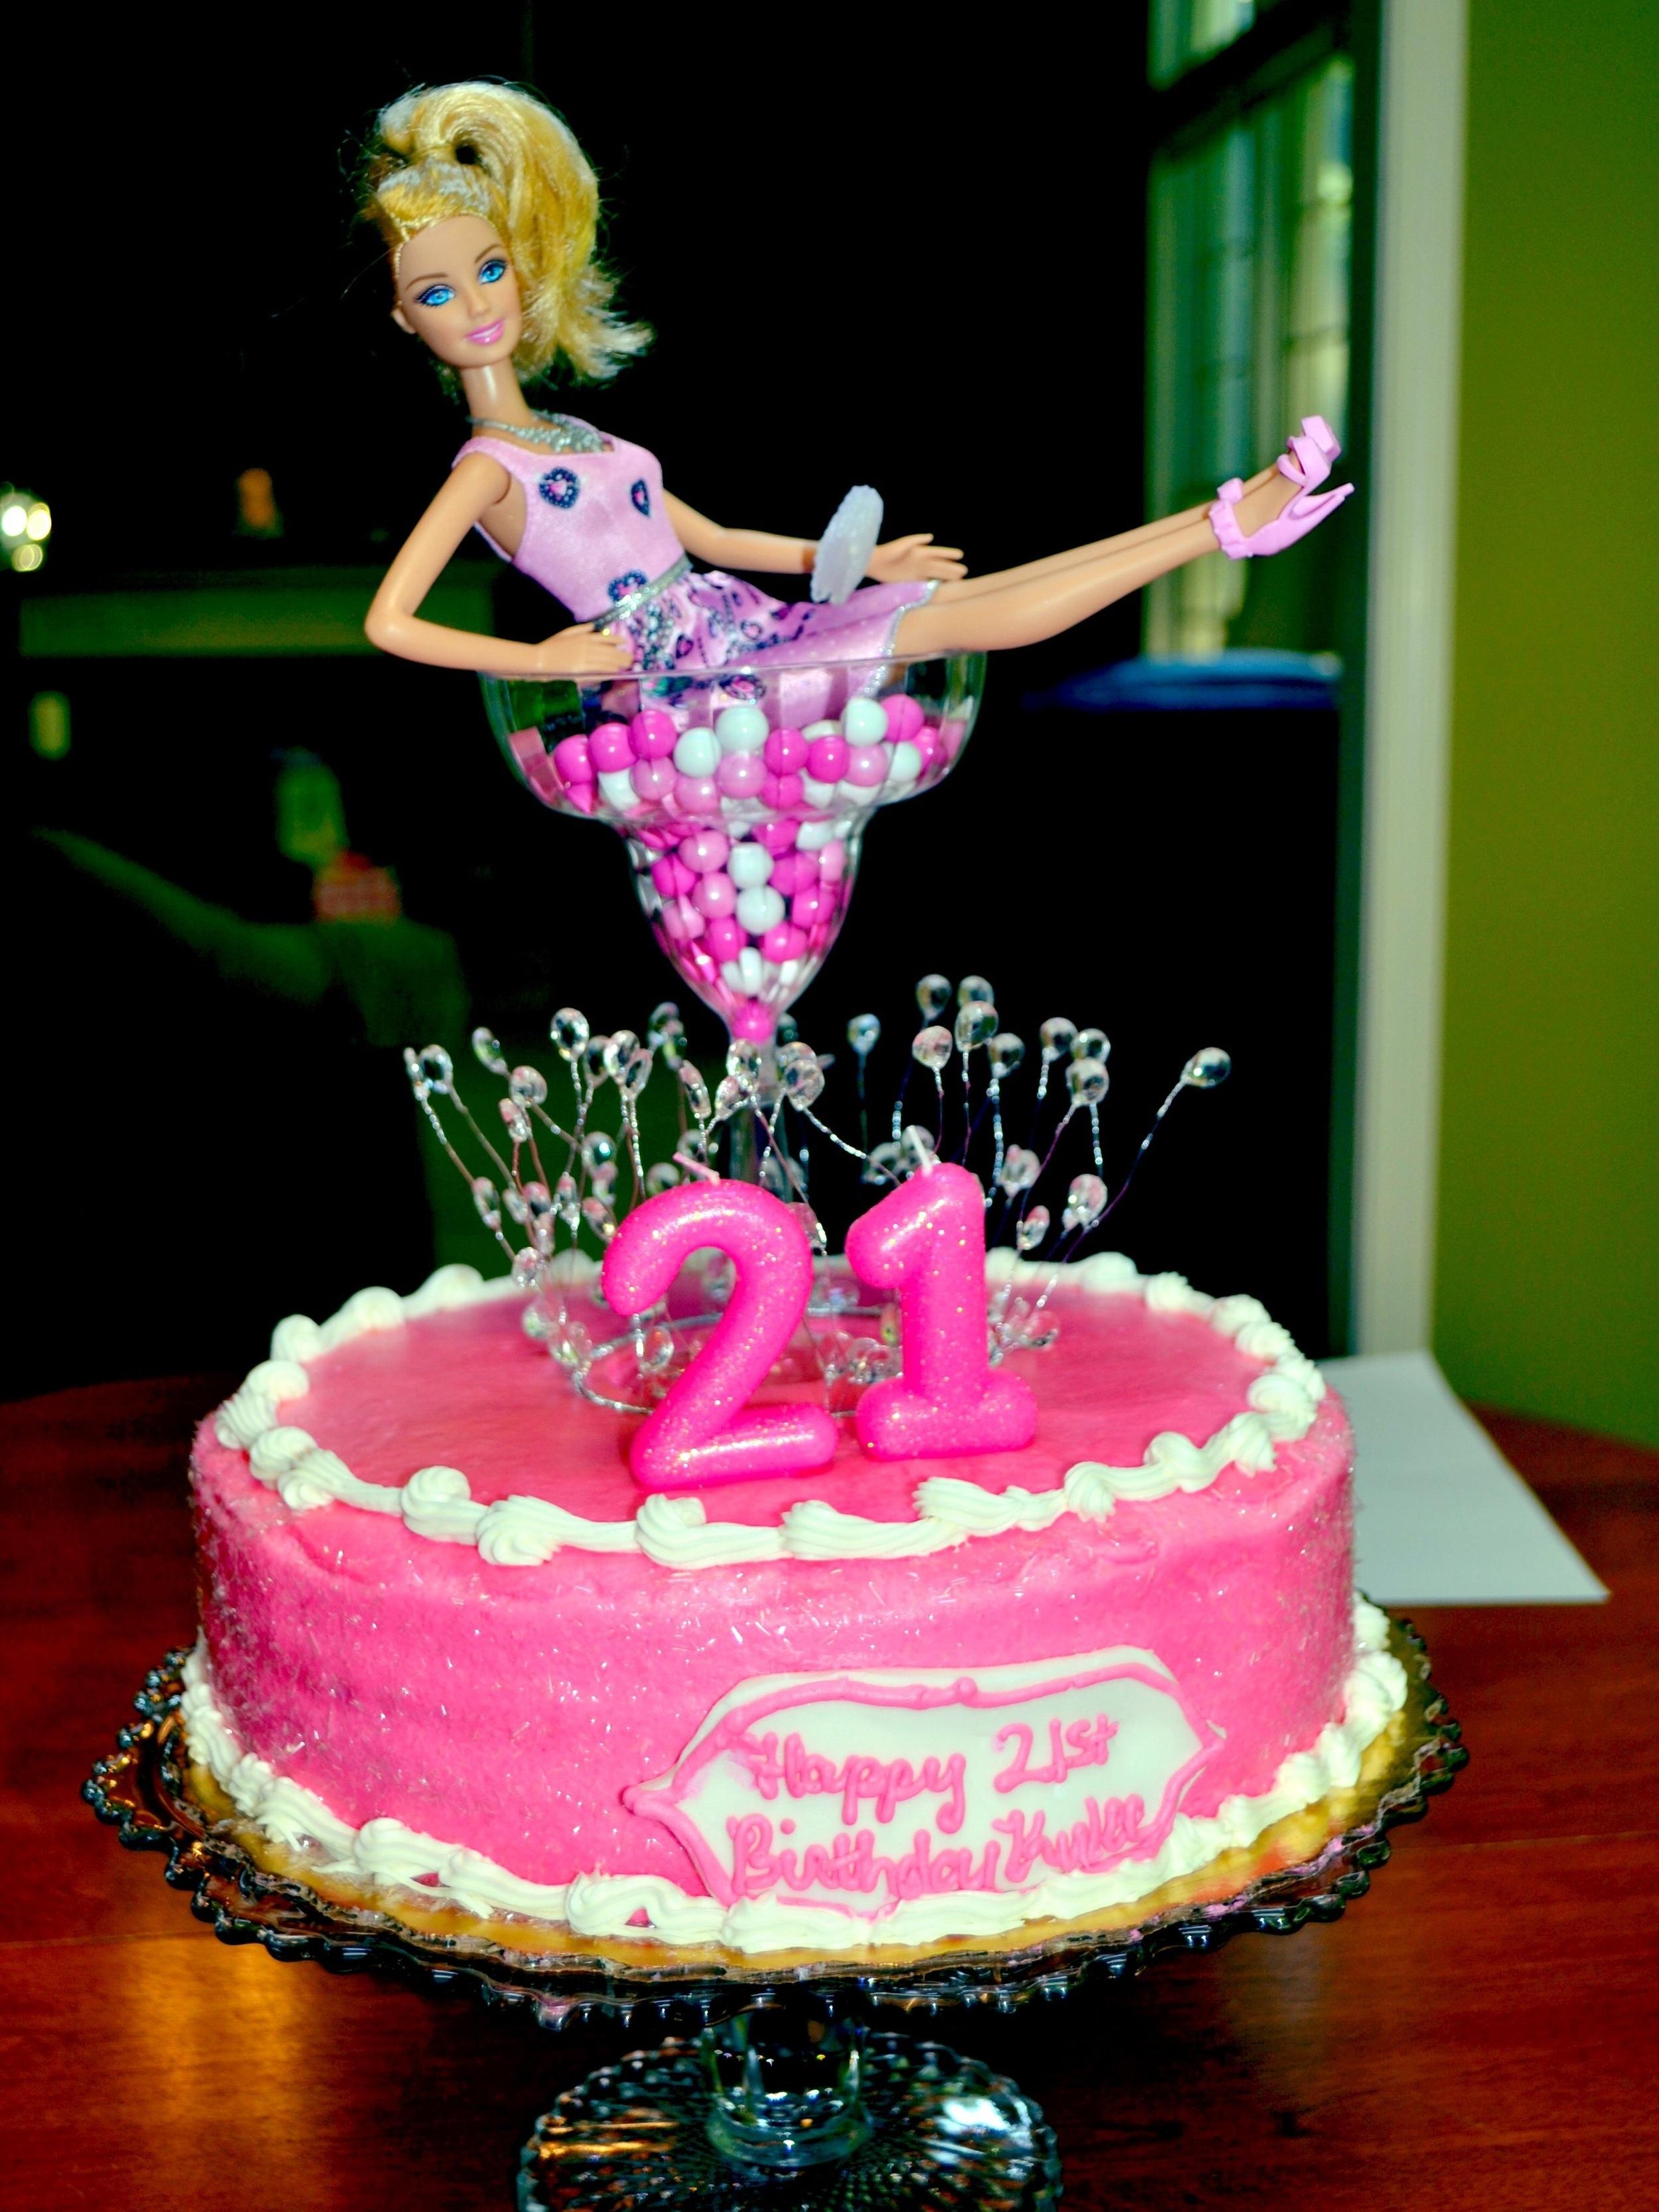 diy 21st birthday cake -